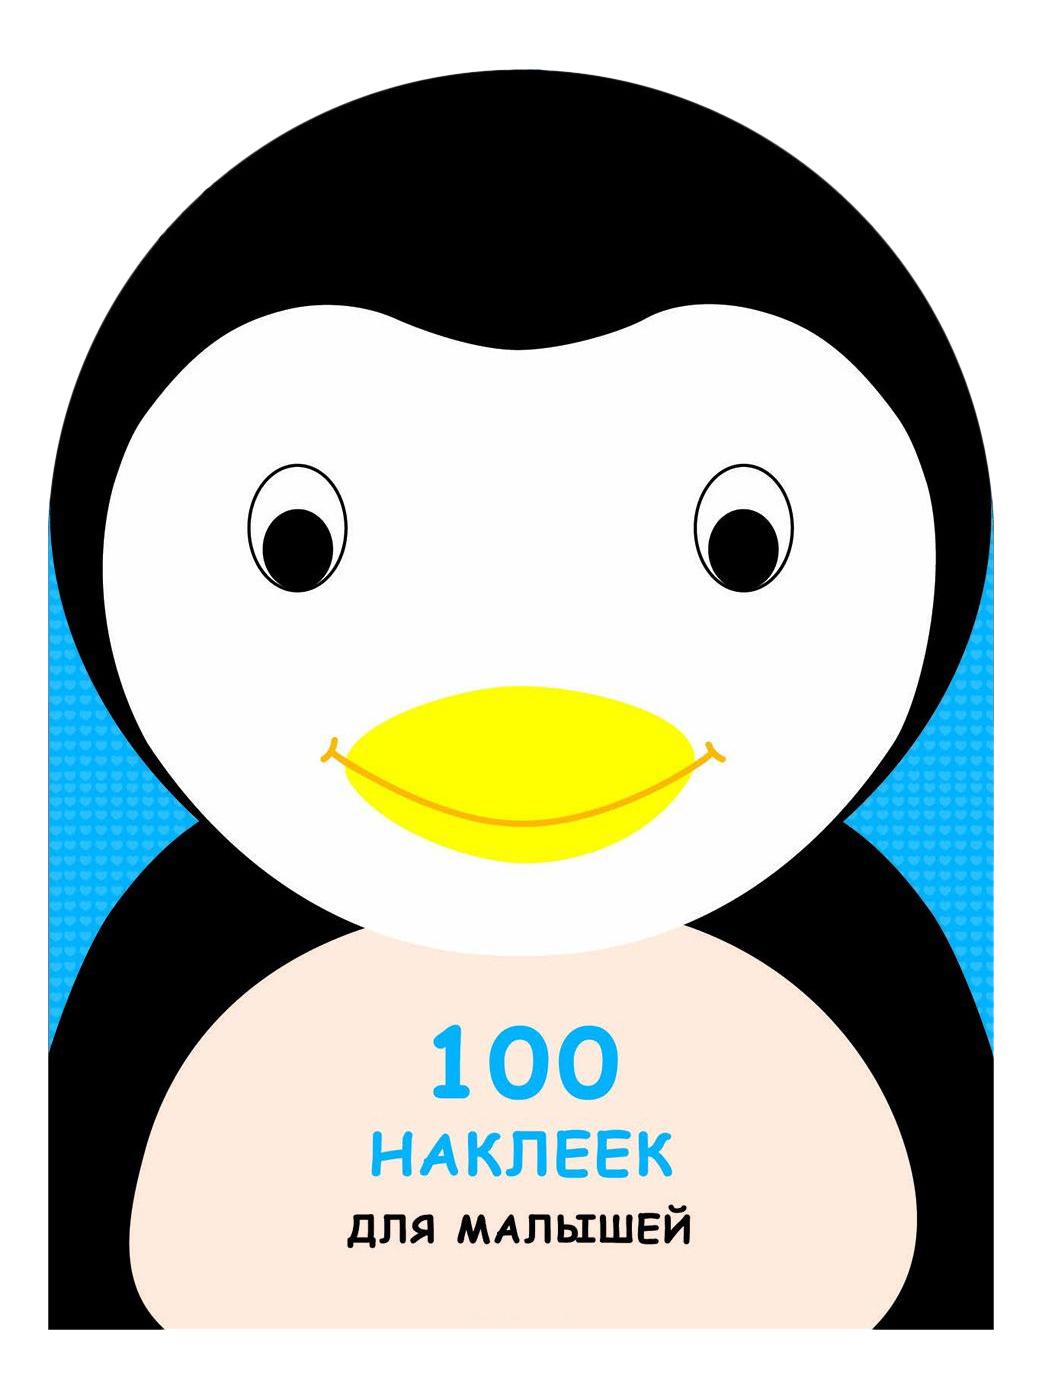 Купить Пингвинчик, Стрекоза Развивающая книжка С наклейками: 100 наклеек для Малышей, Зверята, пингвинчик, Книжки с наклейками